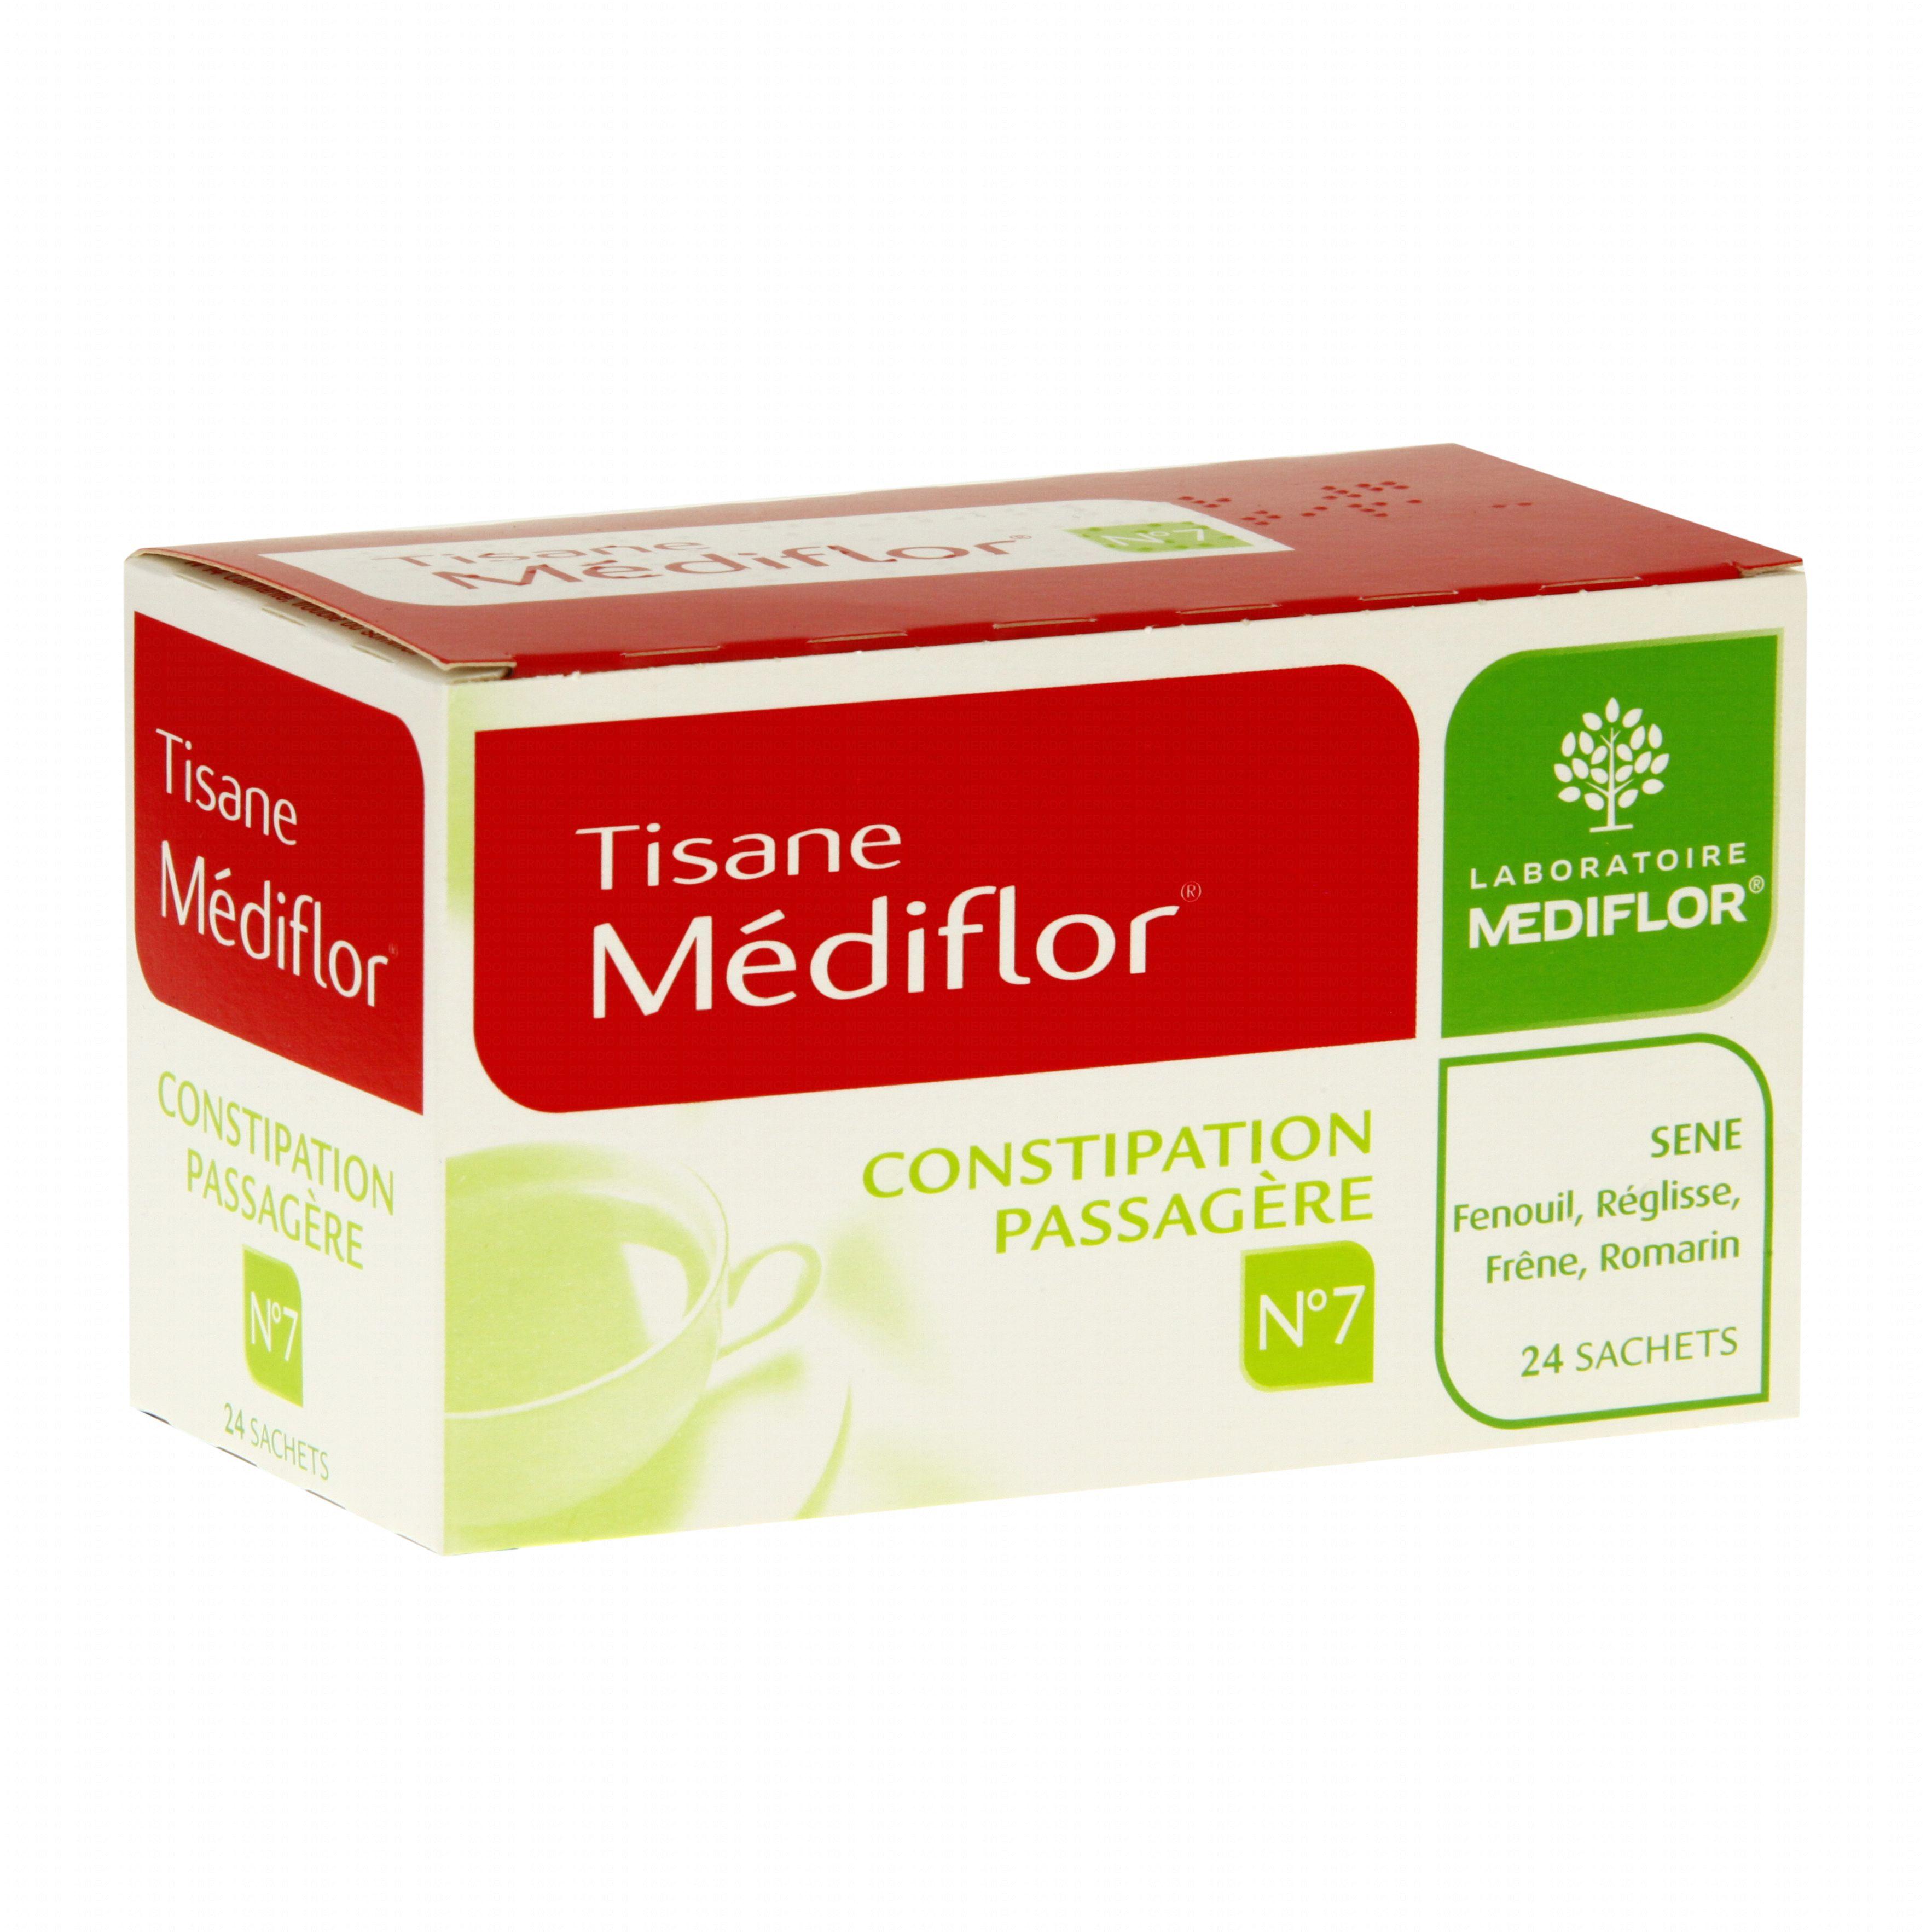 Médiflor n°7 constipation passagère boîte de 24 sachets